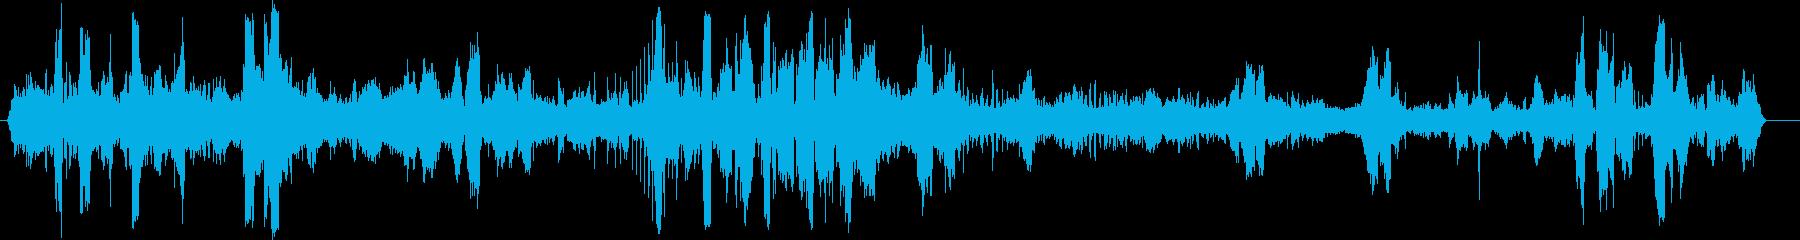 アザラシ、ケープファーバークス。赤...の再生済みの波形